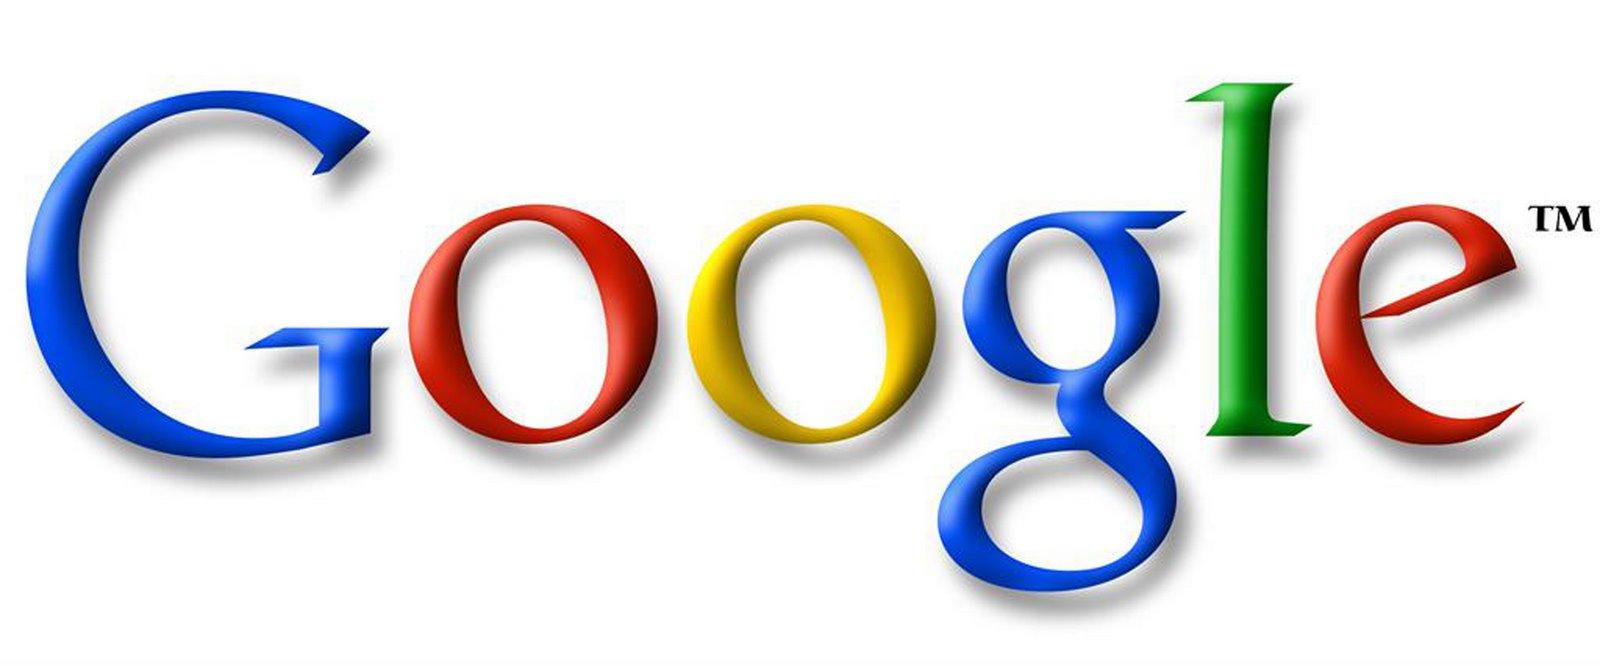 https://i0.wp.com/tecnologyc.com/wp-content/2009/11/google.jpg